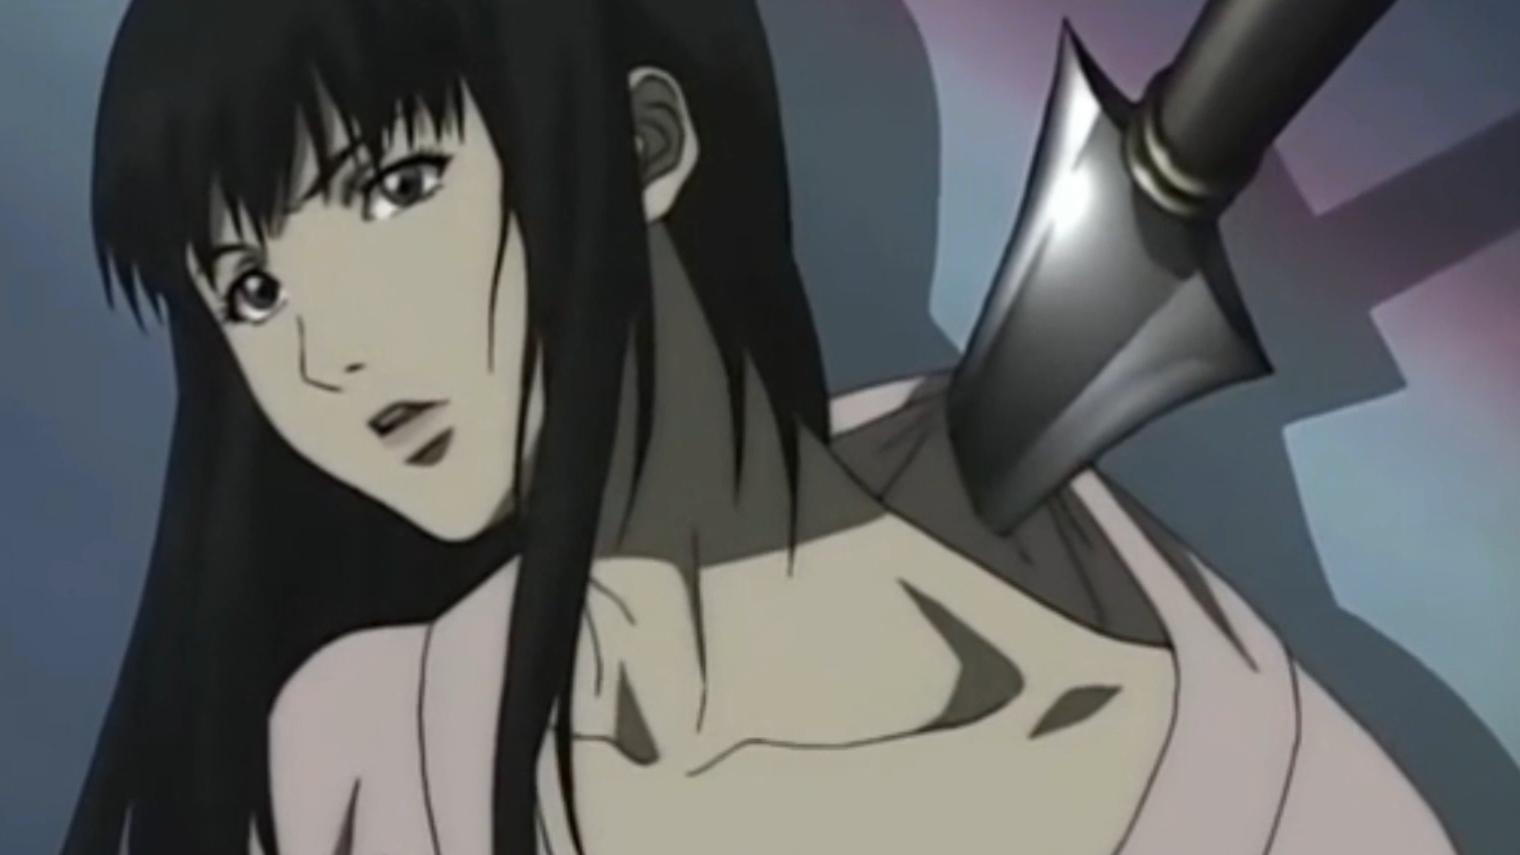 凶徒对美梦中的女子下手,日本超大尺度动漫,《无限之住人》04【马也】